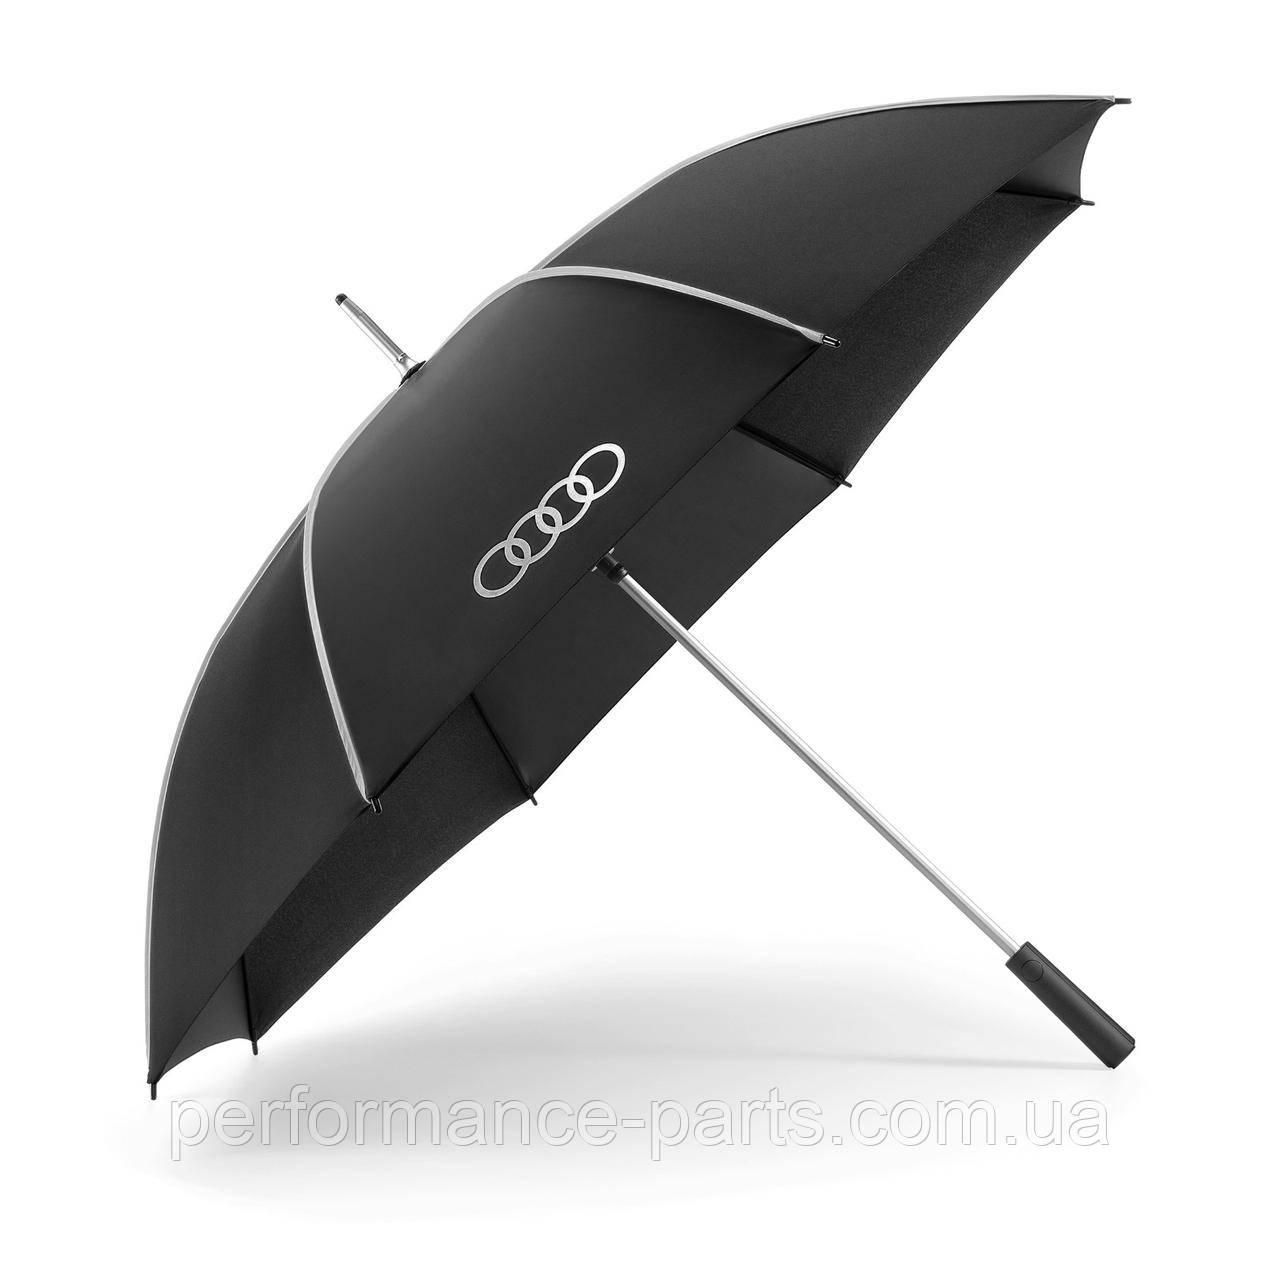 Большой зонт-трость Audi Stick Umbrella, black/silver, артикул 3122000100 Официальная коллекция Audi